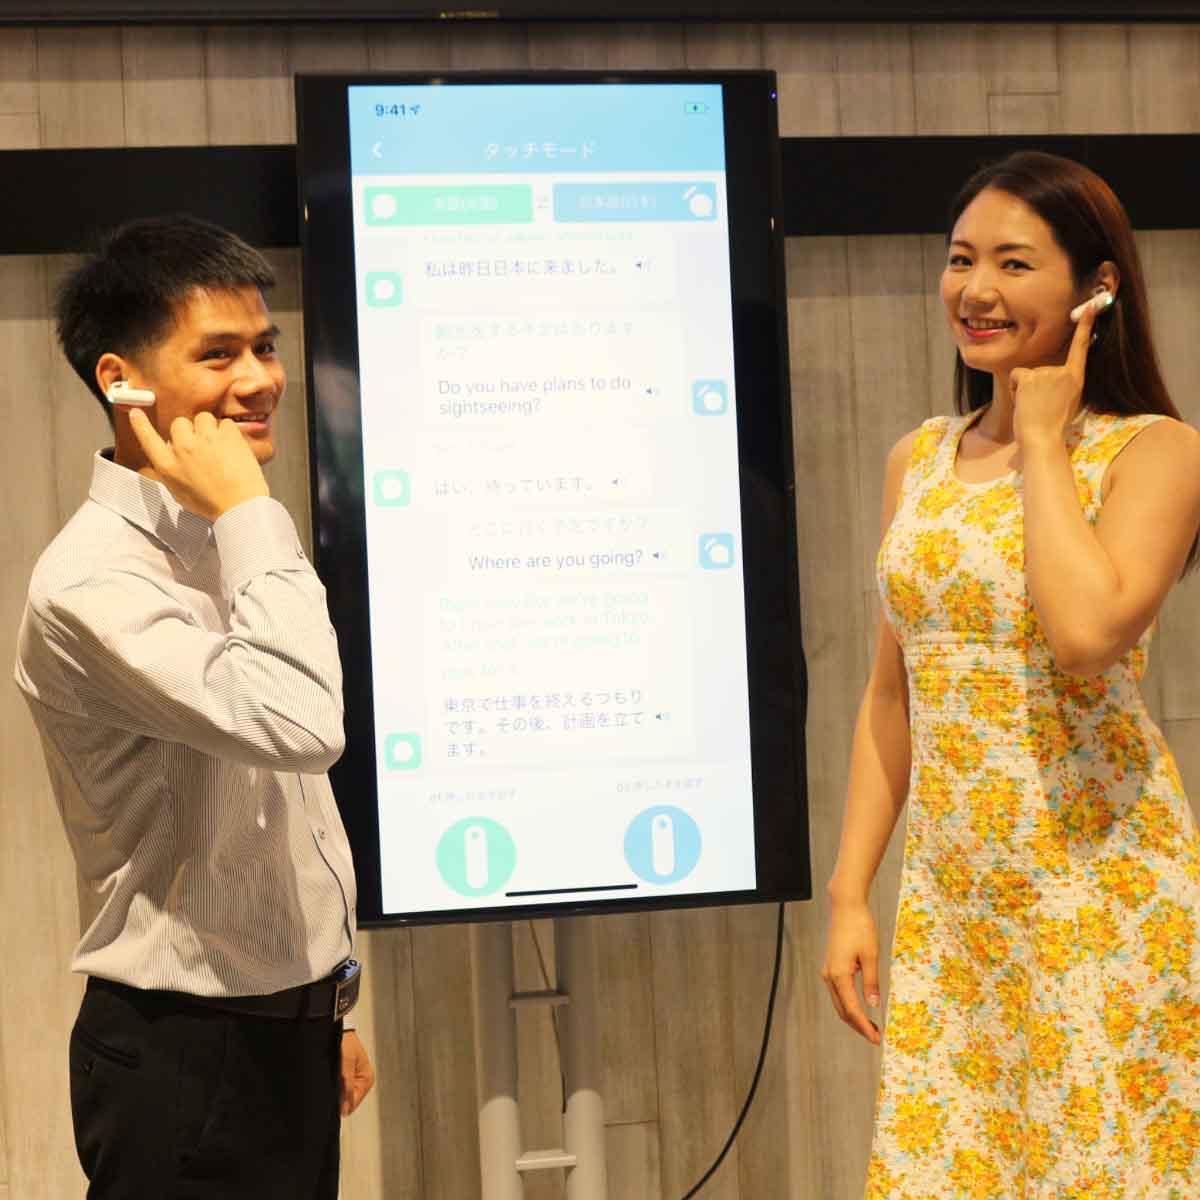 目を見て話せるイヤホン翻訳機「WT2 Plus」なら、コミュニケーションに没入できる